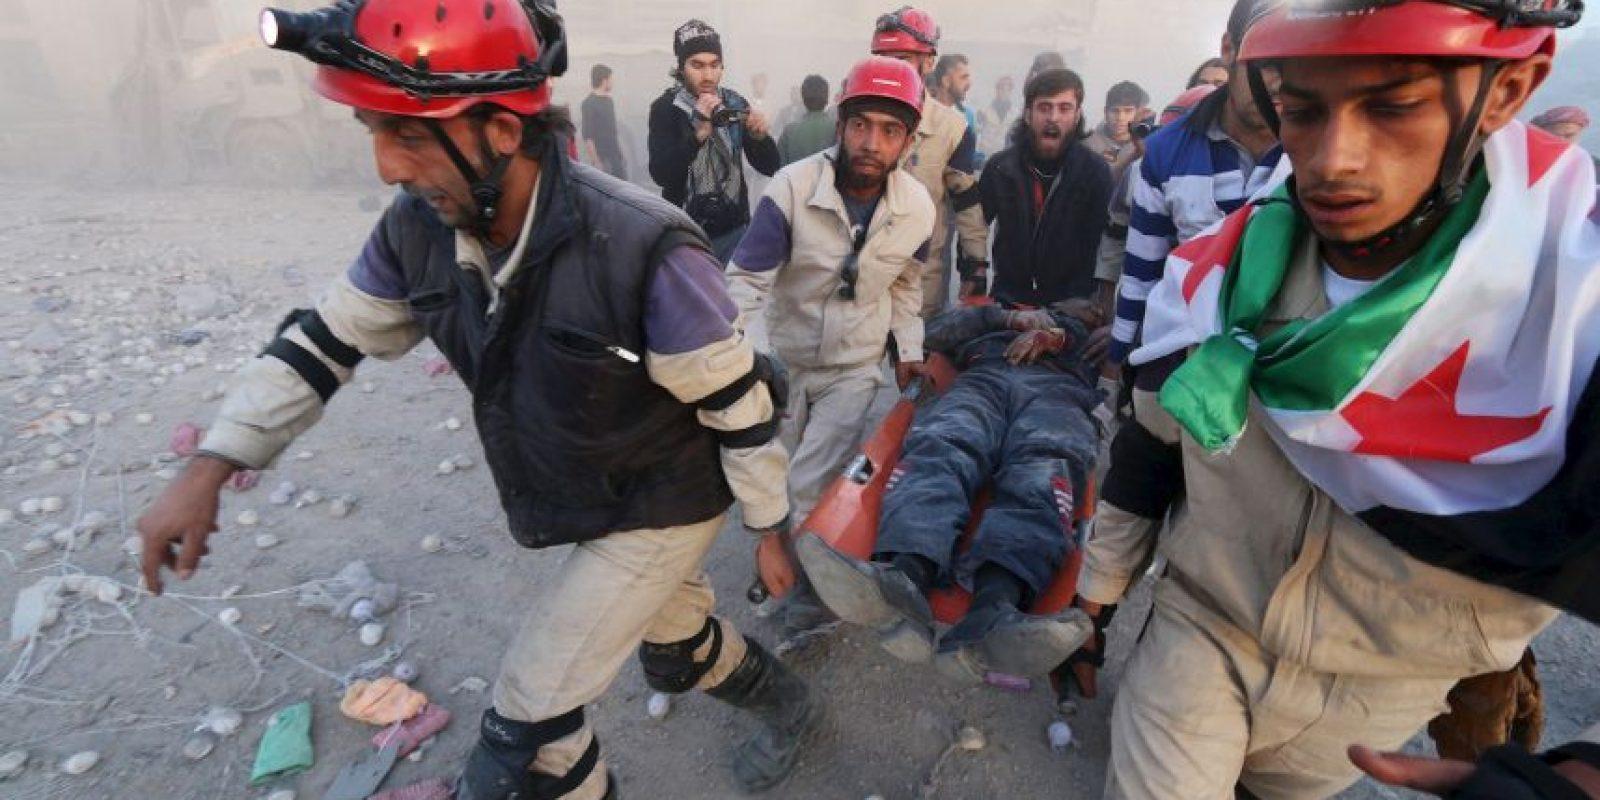 Según The New York Times, durante los pasados días elementos de inteligencia norteamericana recibieron información de que el Estado Islámico había asesinado al ex militar y trabajador humanitario Peter Kassig. Foto:AFP